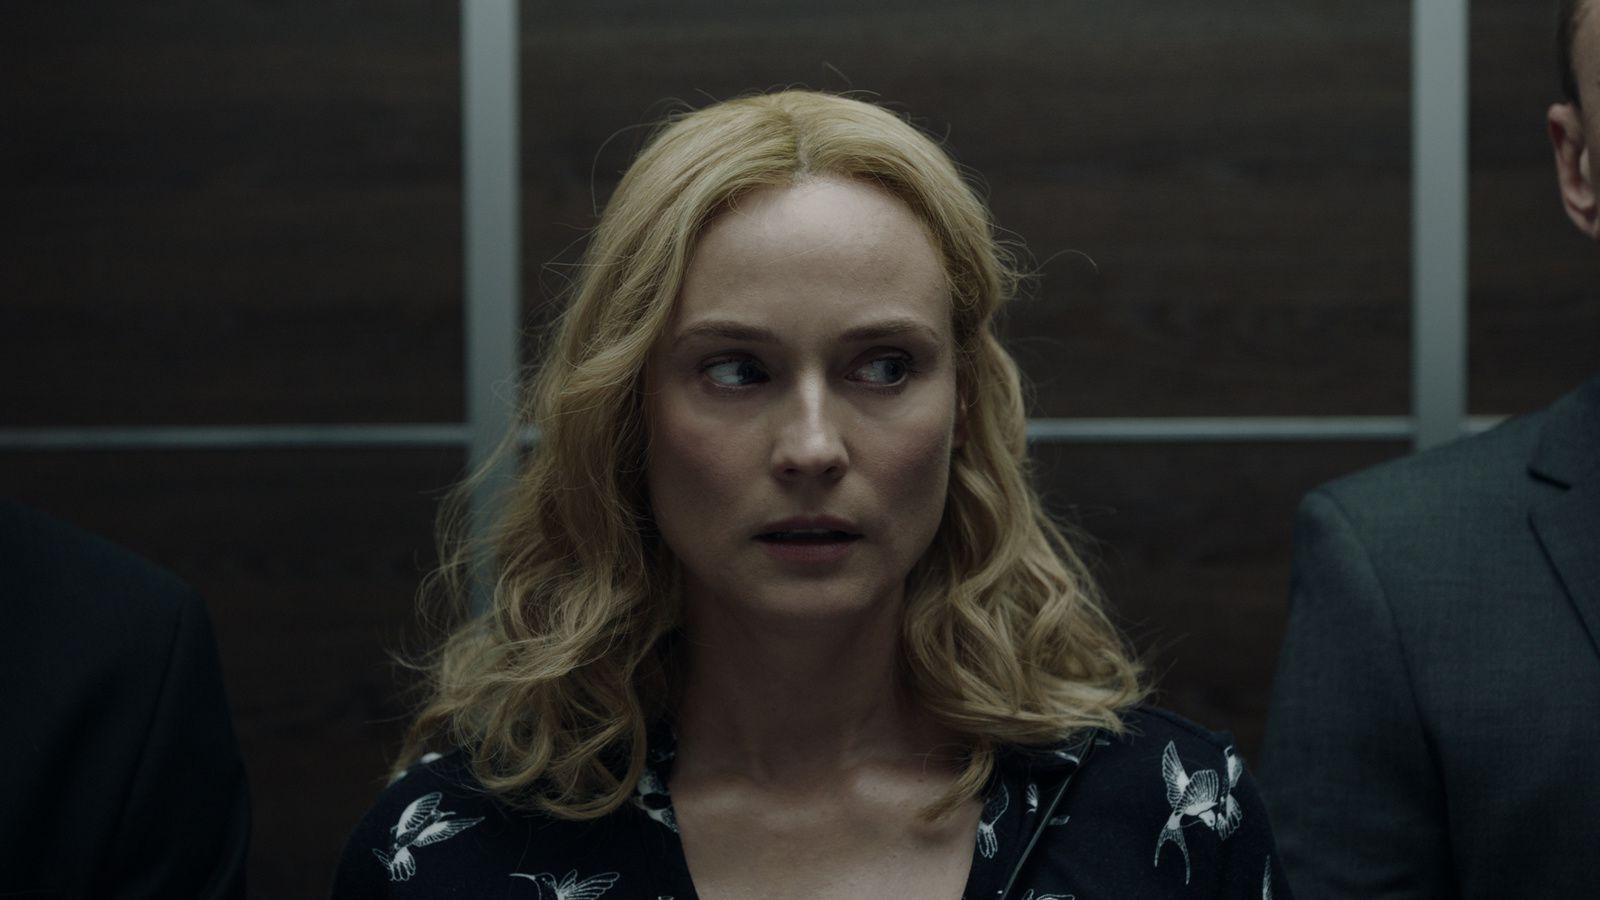 THE OPERATIVE (BANDE-ANNONCE) avec Diane Kruger et Martin Freeman - Le 24 juillet 2019 au cinéma